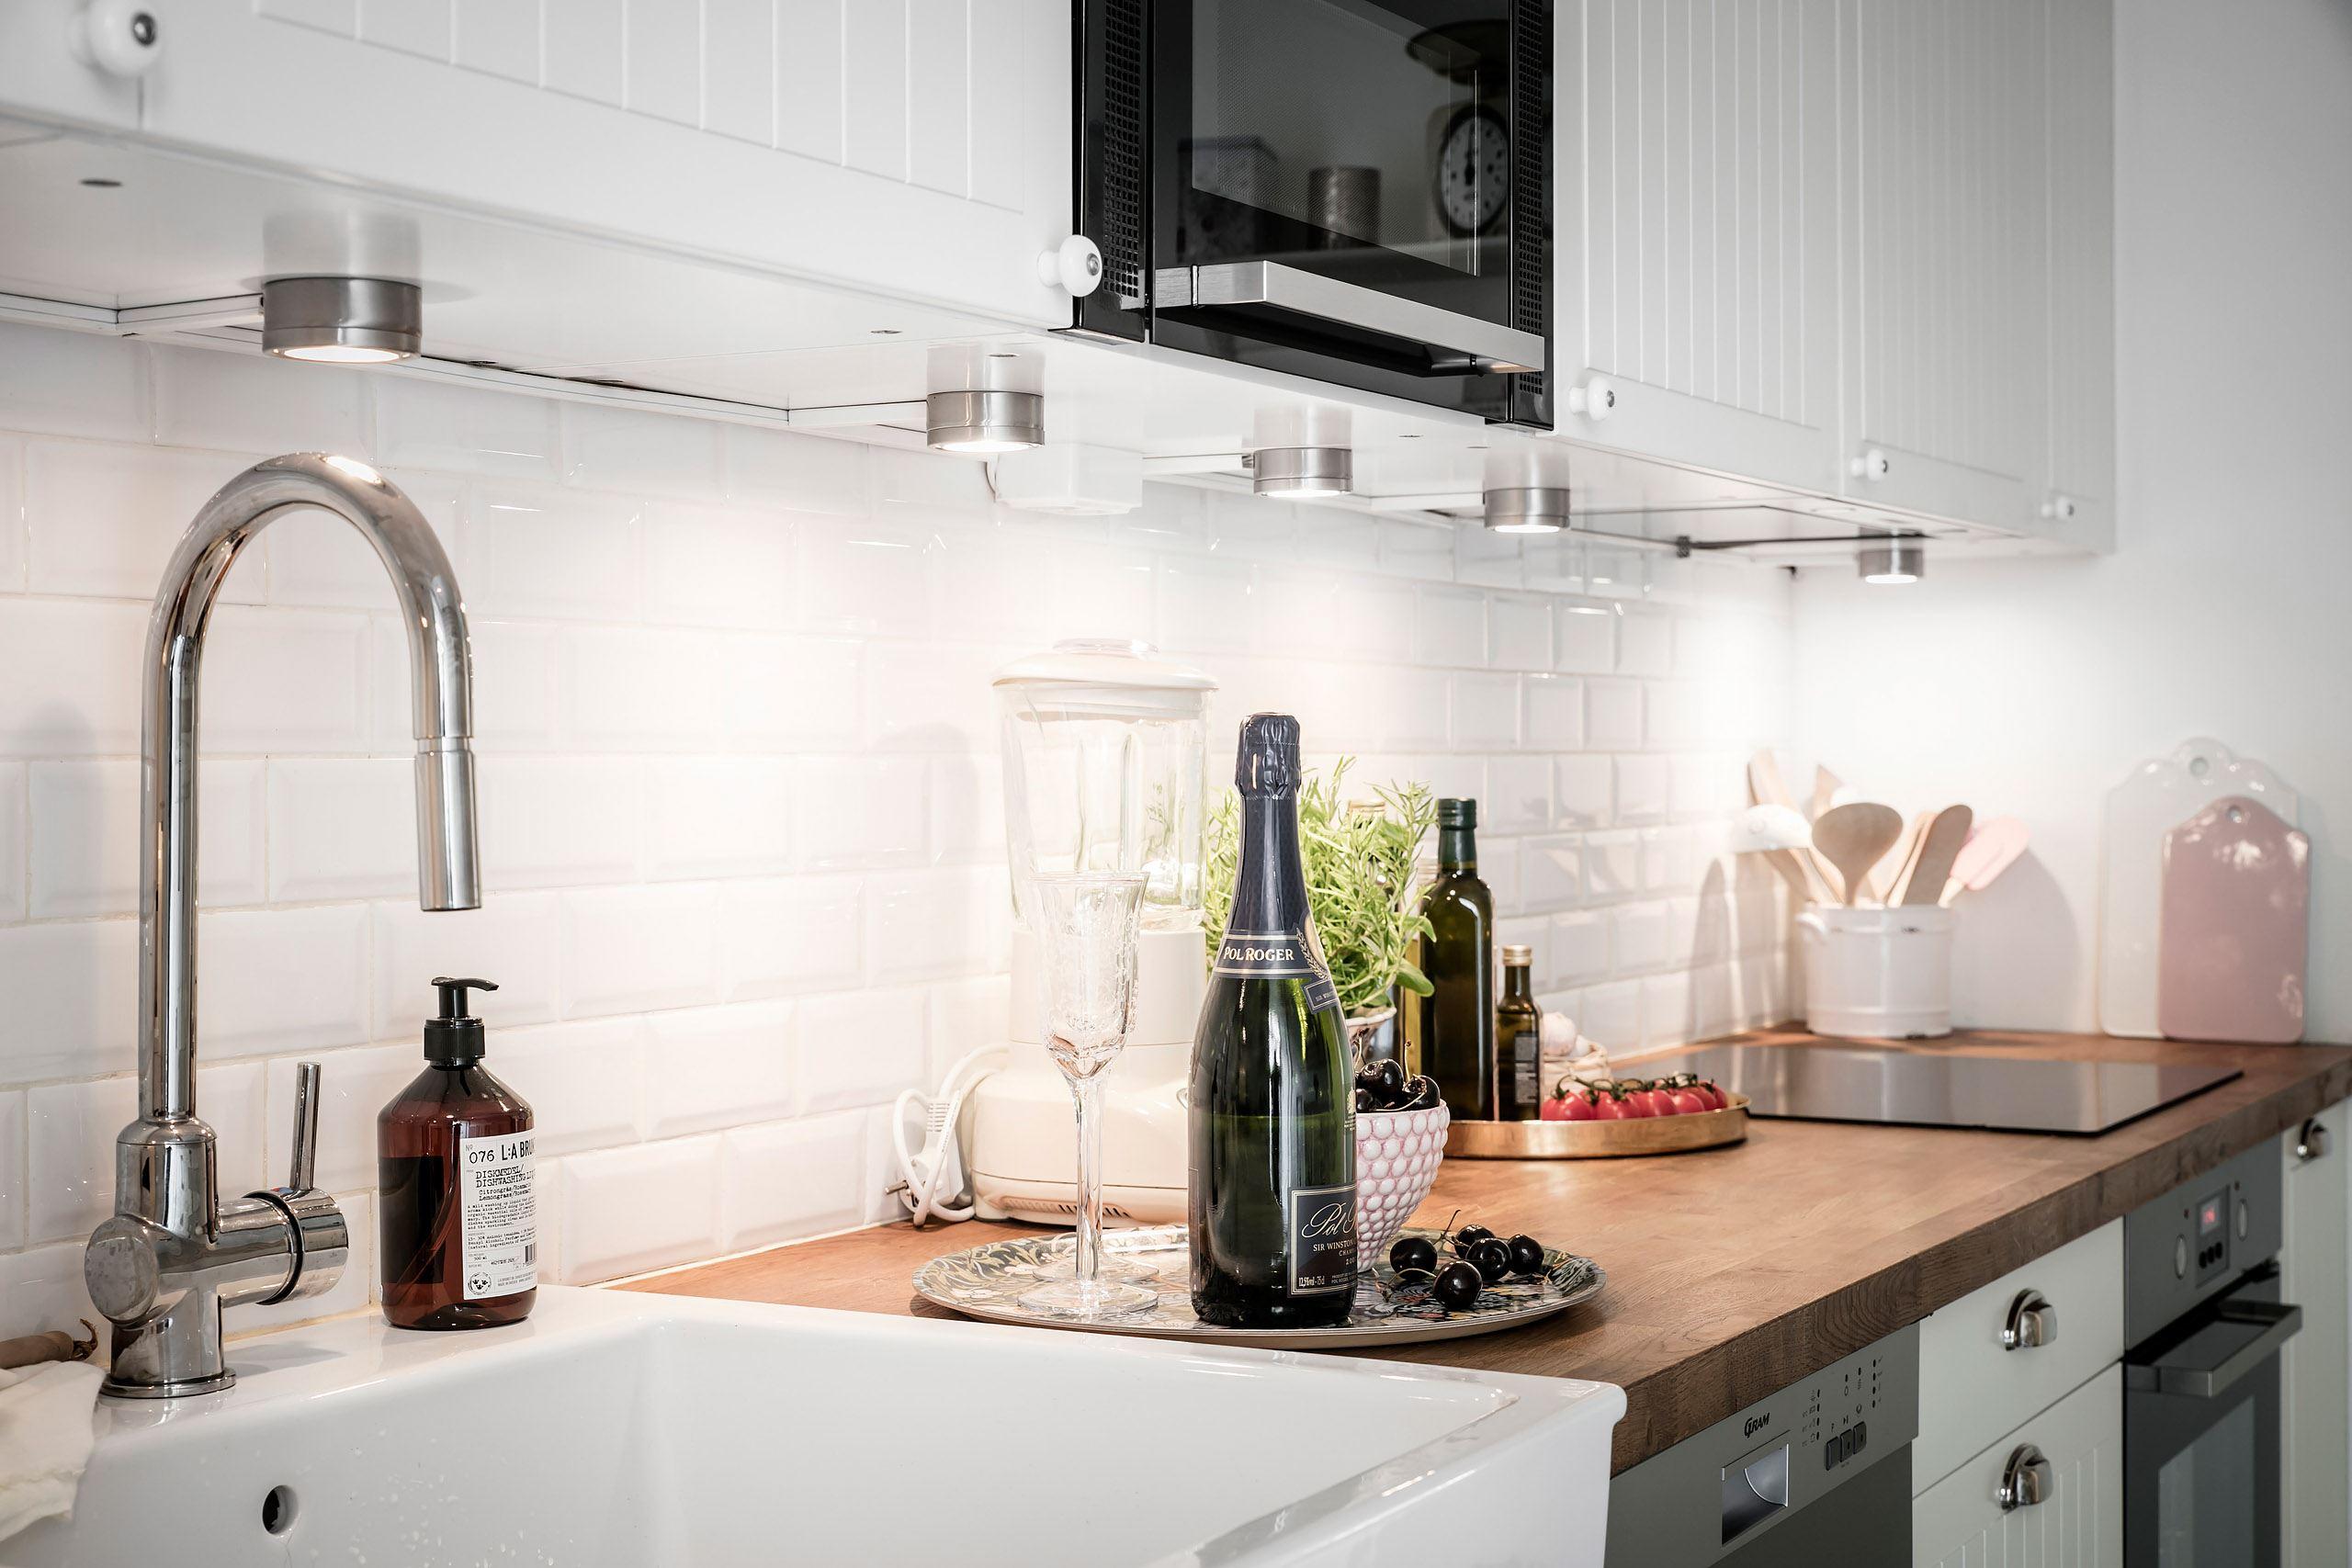 кухонная мебель подсветка столешница накладная мойка смеситель плитка кабанчик варочная панель